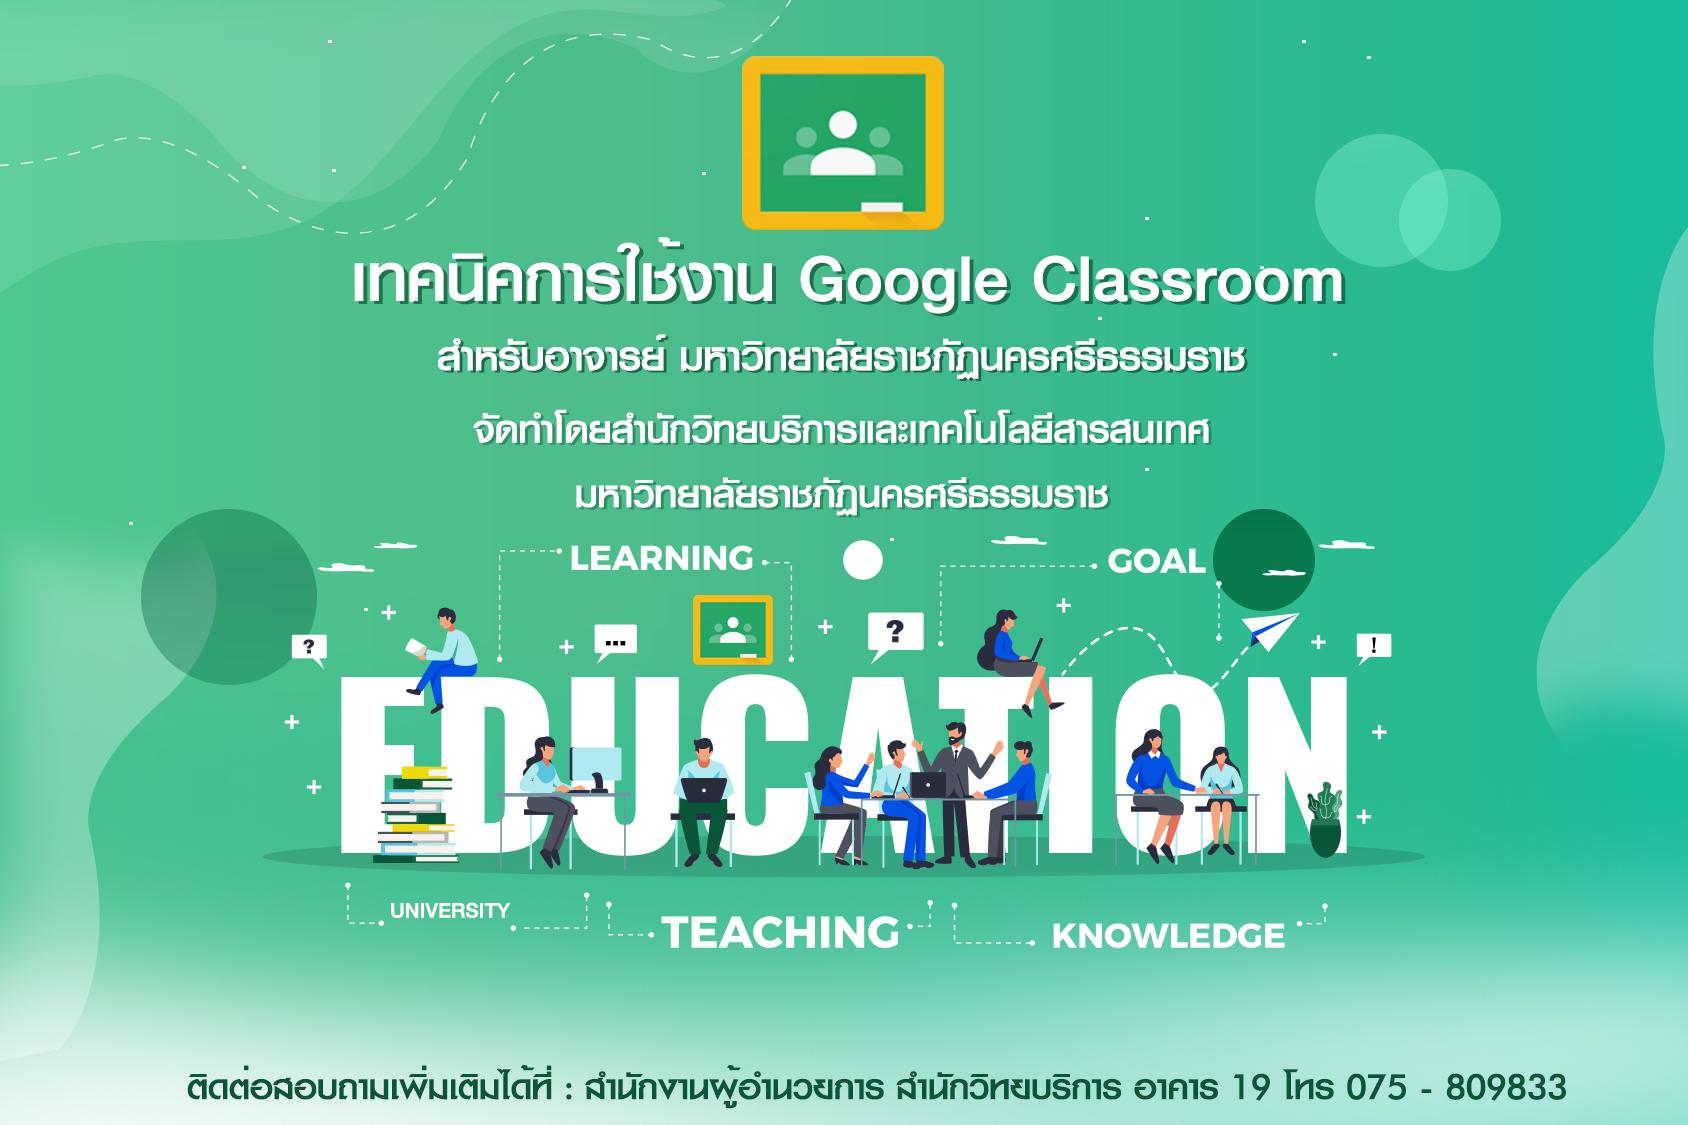 การเปลี่ยนแปลงการตั้งค่าของชั้นเรียน-ใน-Google-Classroom